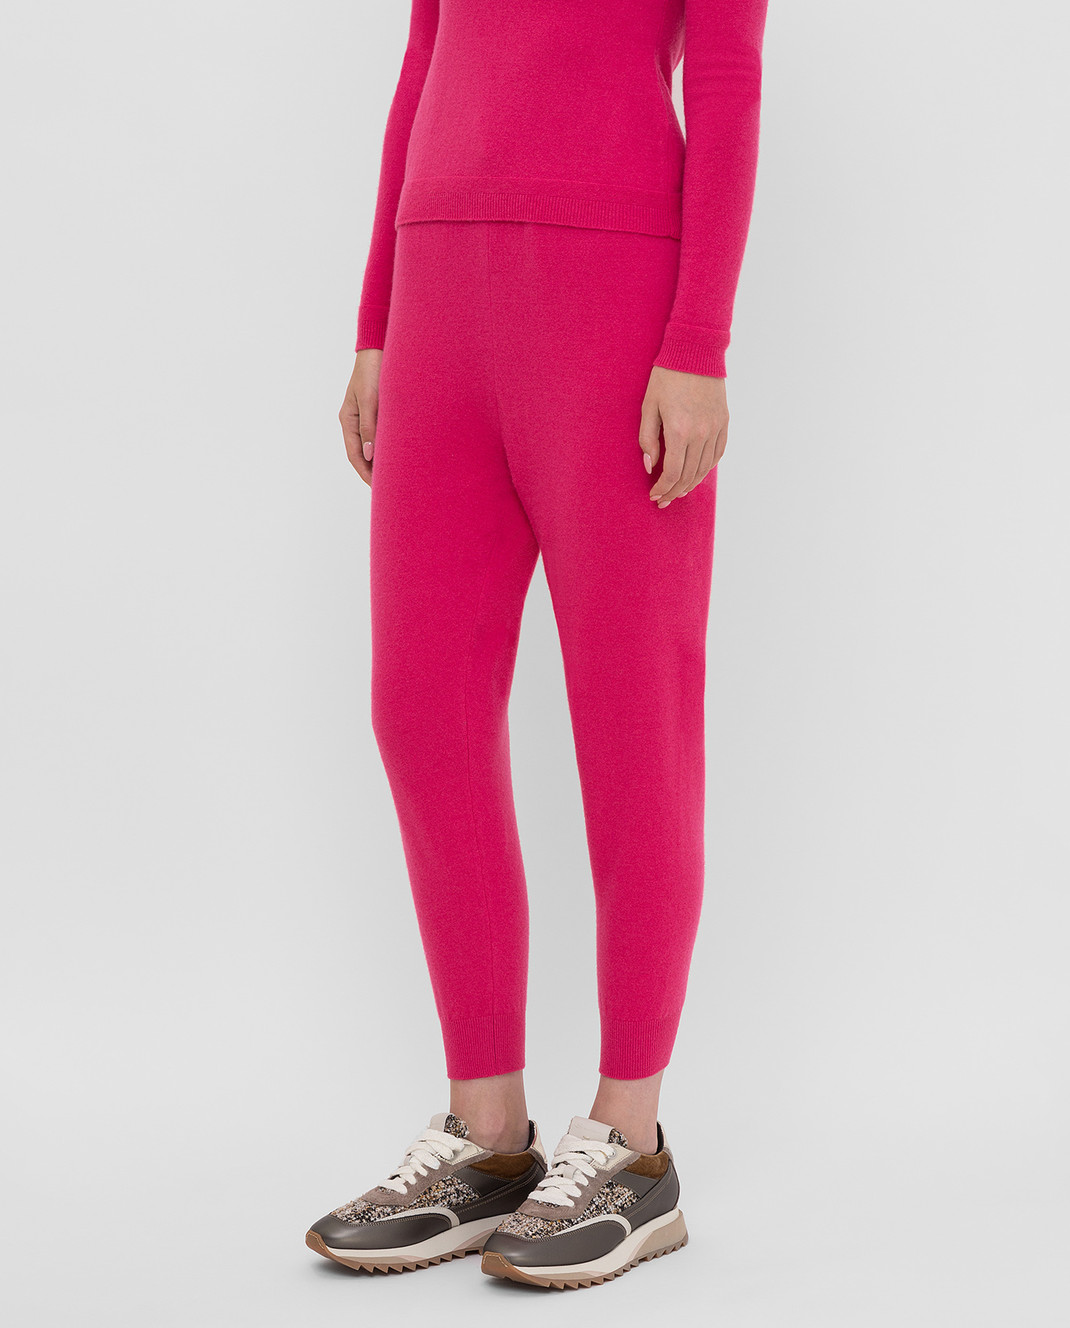 Tak.Ori Малиновые спортивные брюки PTK50005 изображение 3